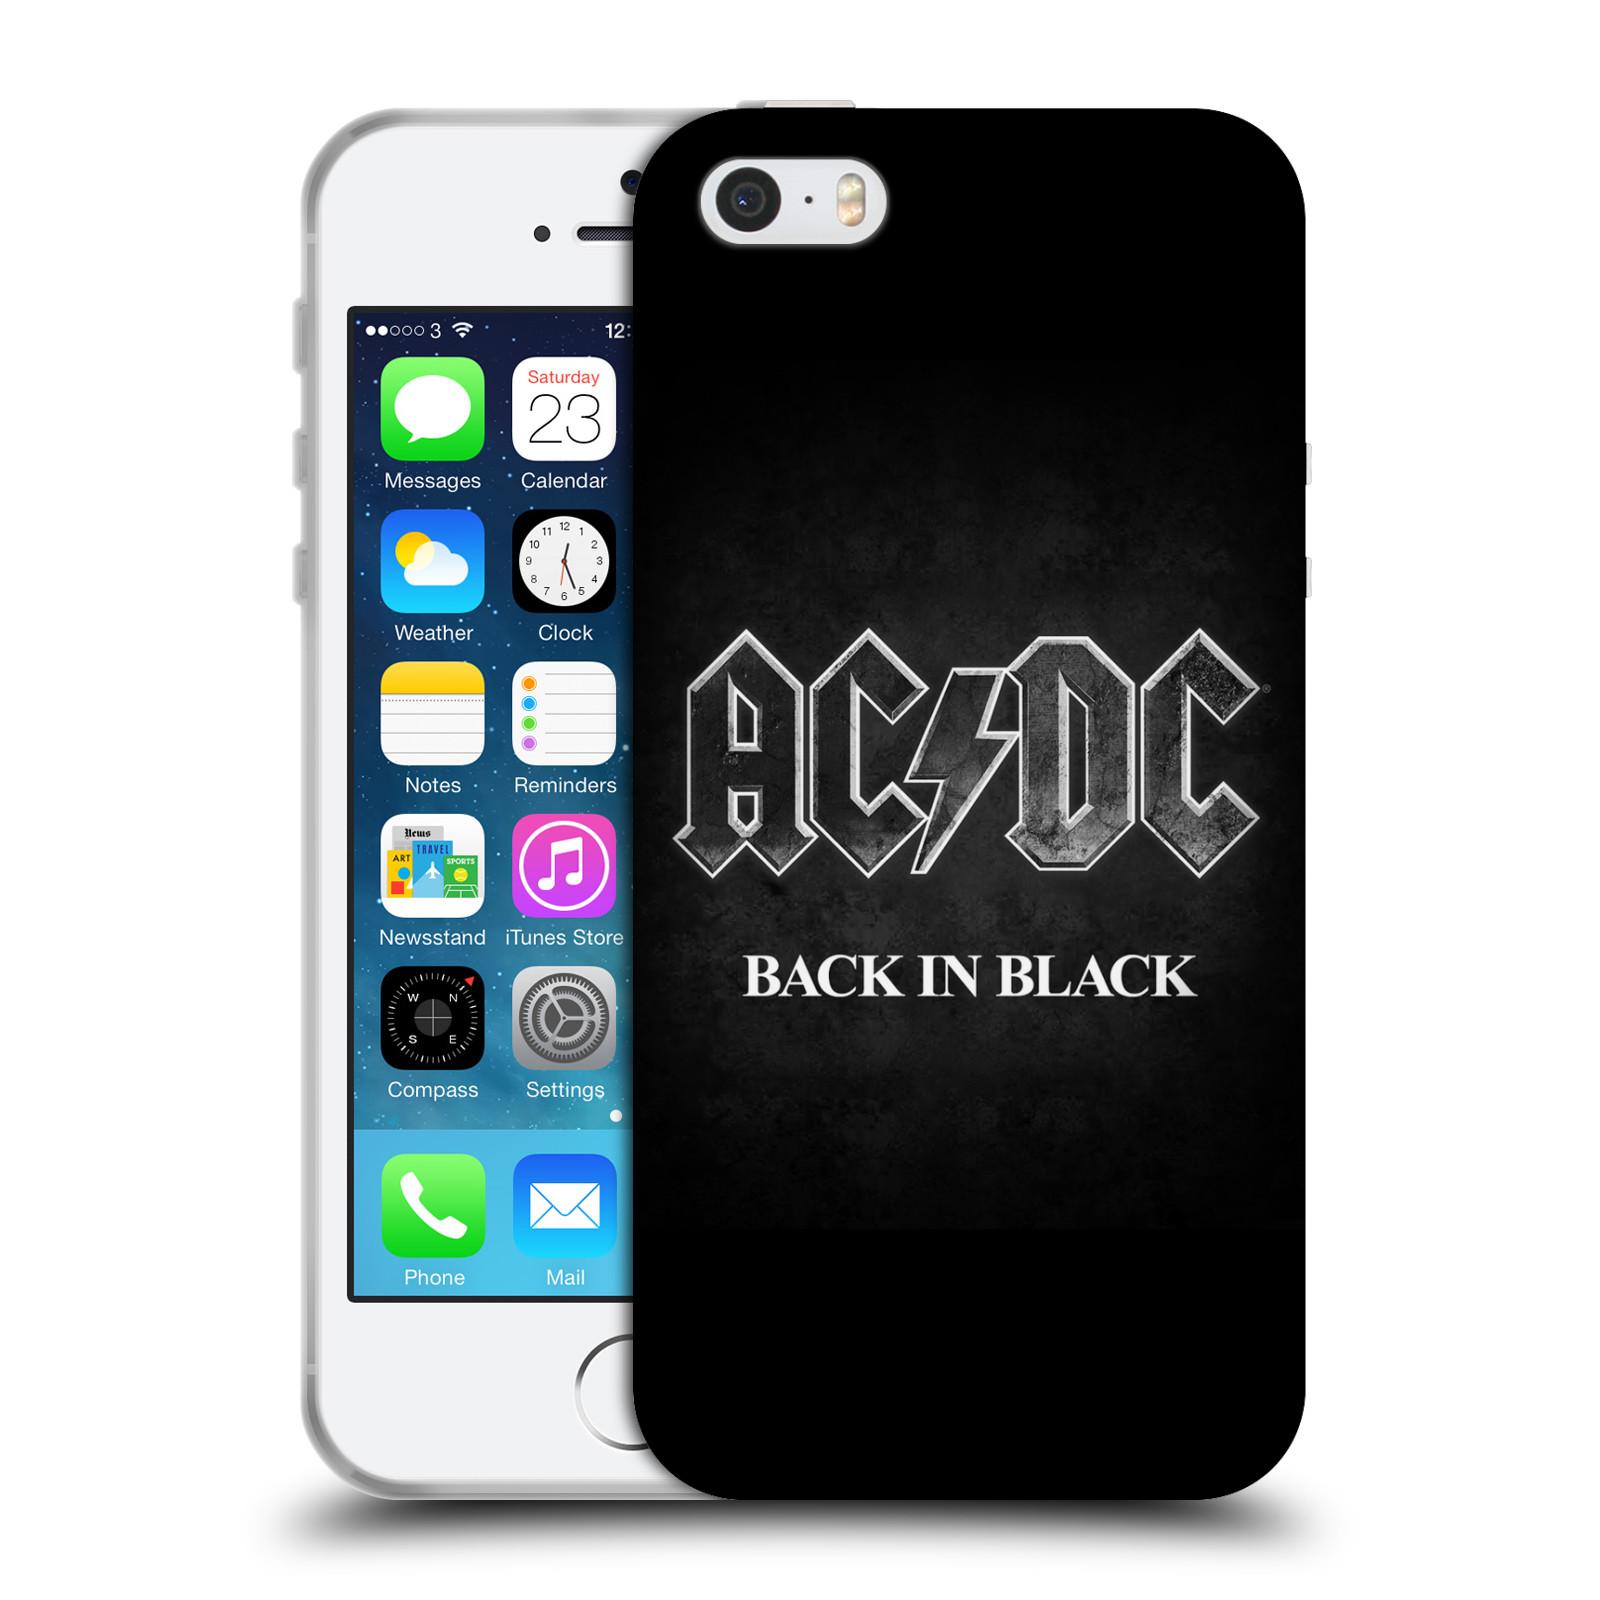 Silikonové pouzdro na mobil Apple iPhone SE, 5 a 5S HEAD CASE AC/DC BACK IN BLACK (Silikonový kryt či obal na mobilní telefon s oficiálním motivem australské skupiny AC/DC pro Apple iPhone SE, 5 a 5S)